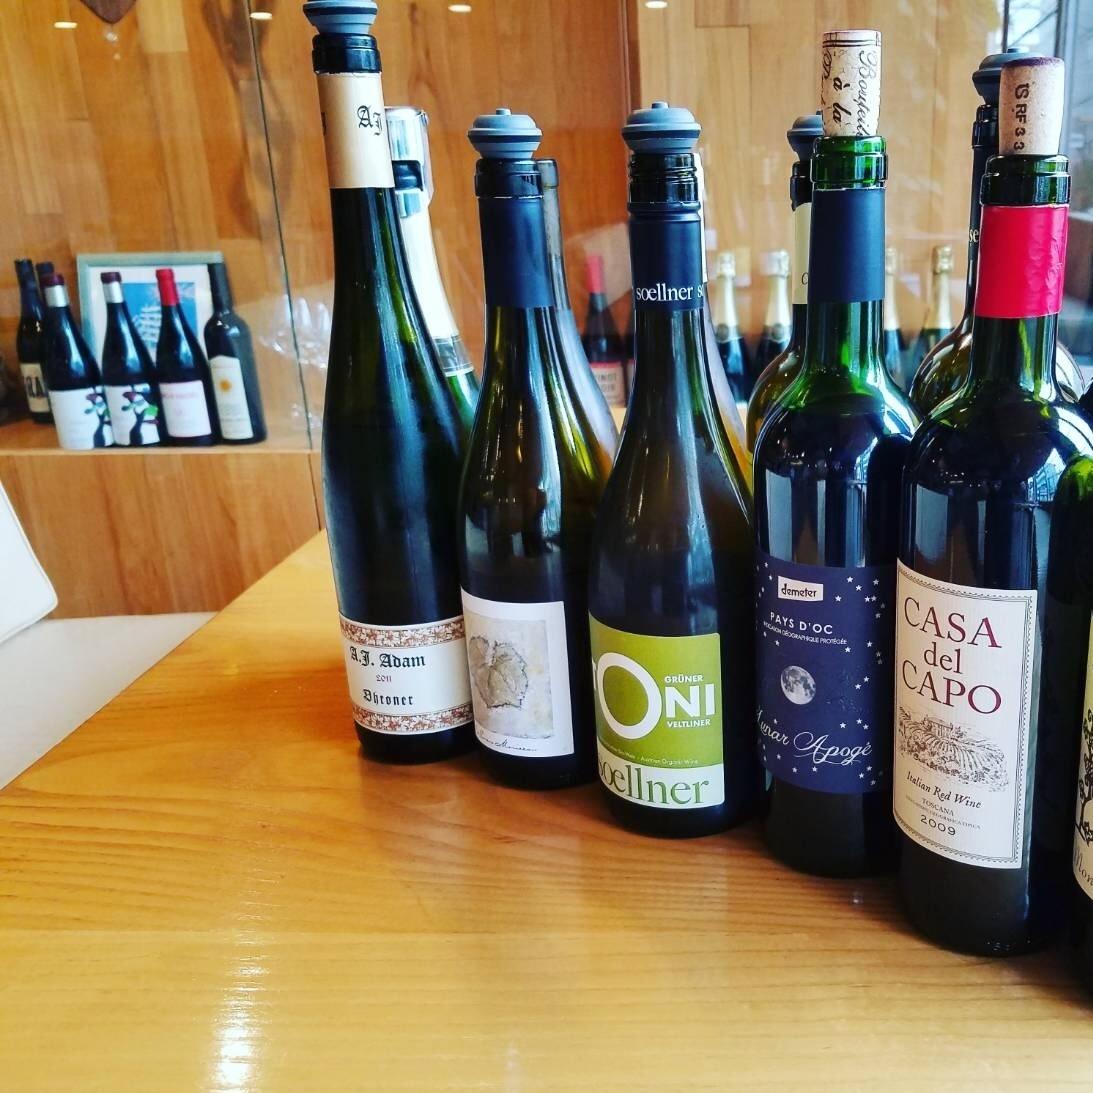 ソムリエ厳選ワインが豊富